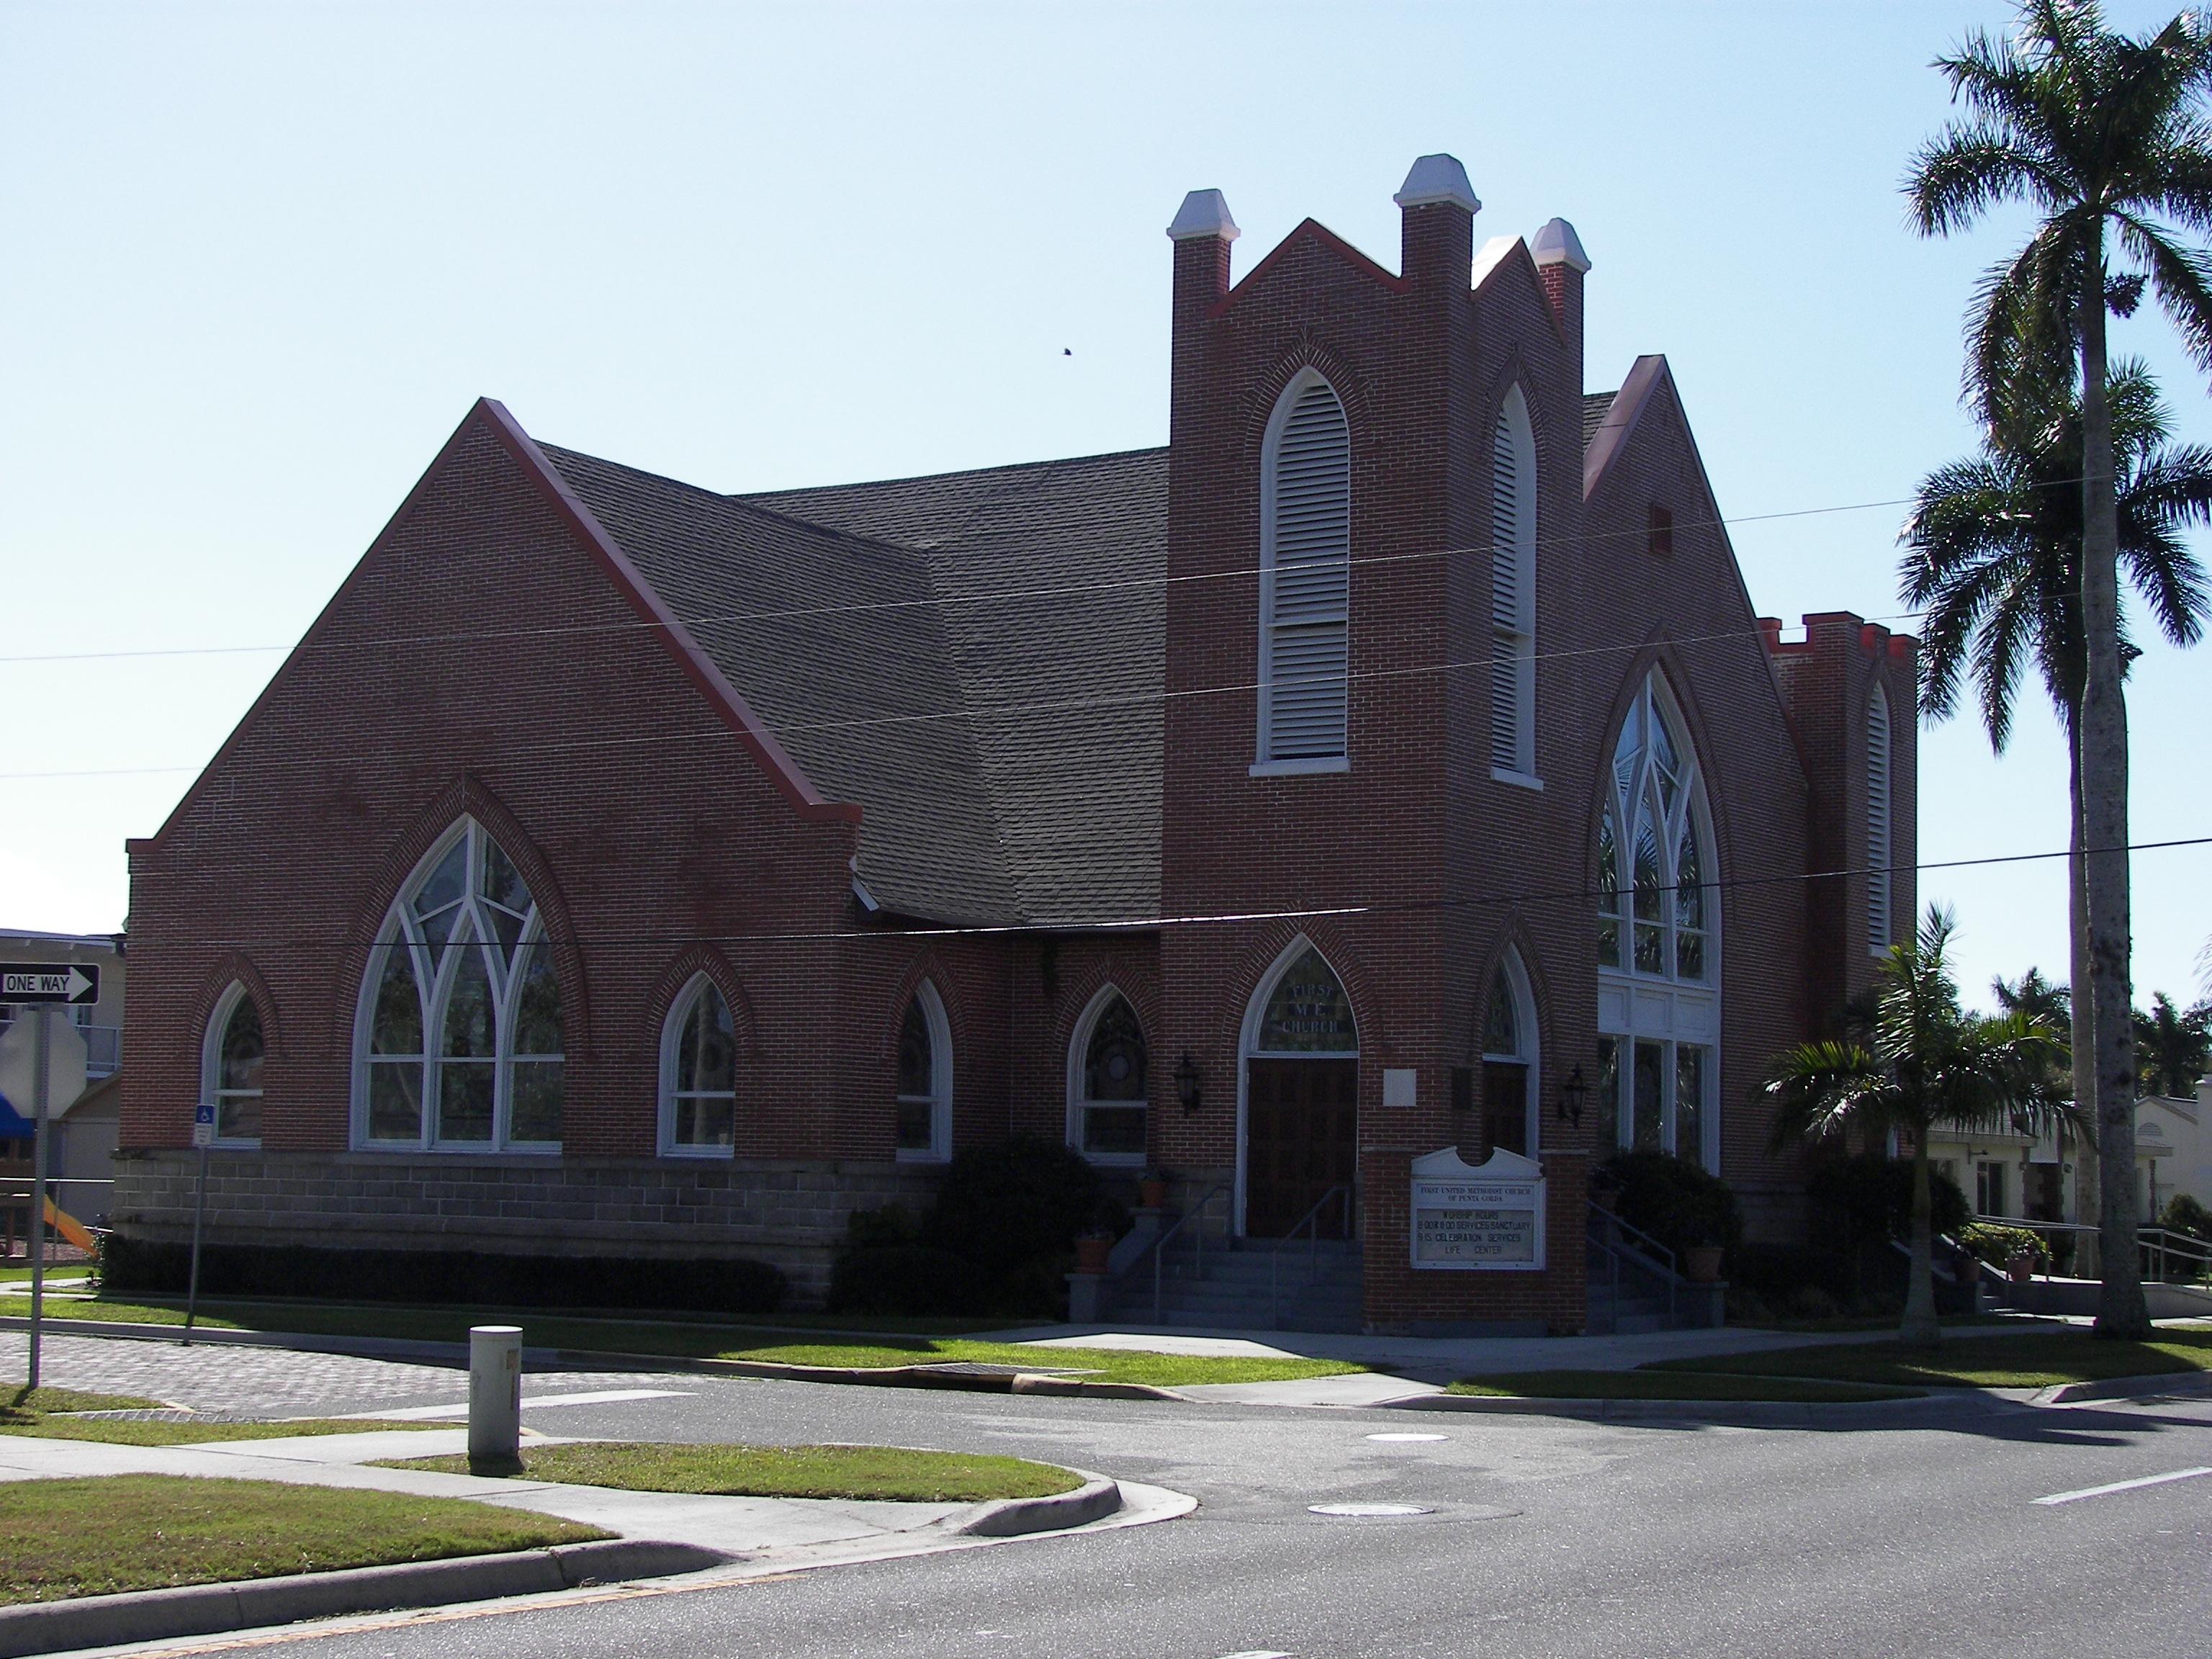 Description punta gorda first united methodist church